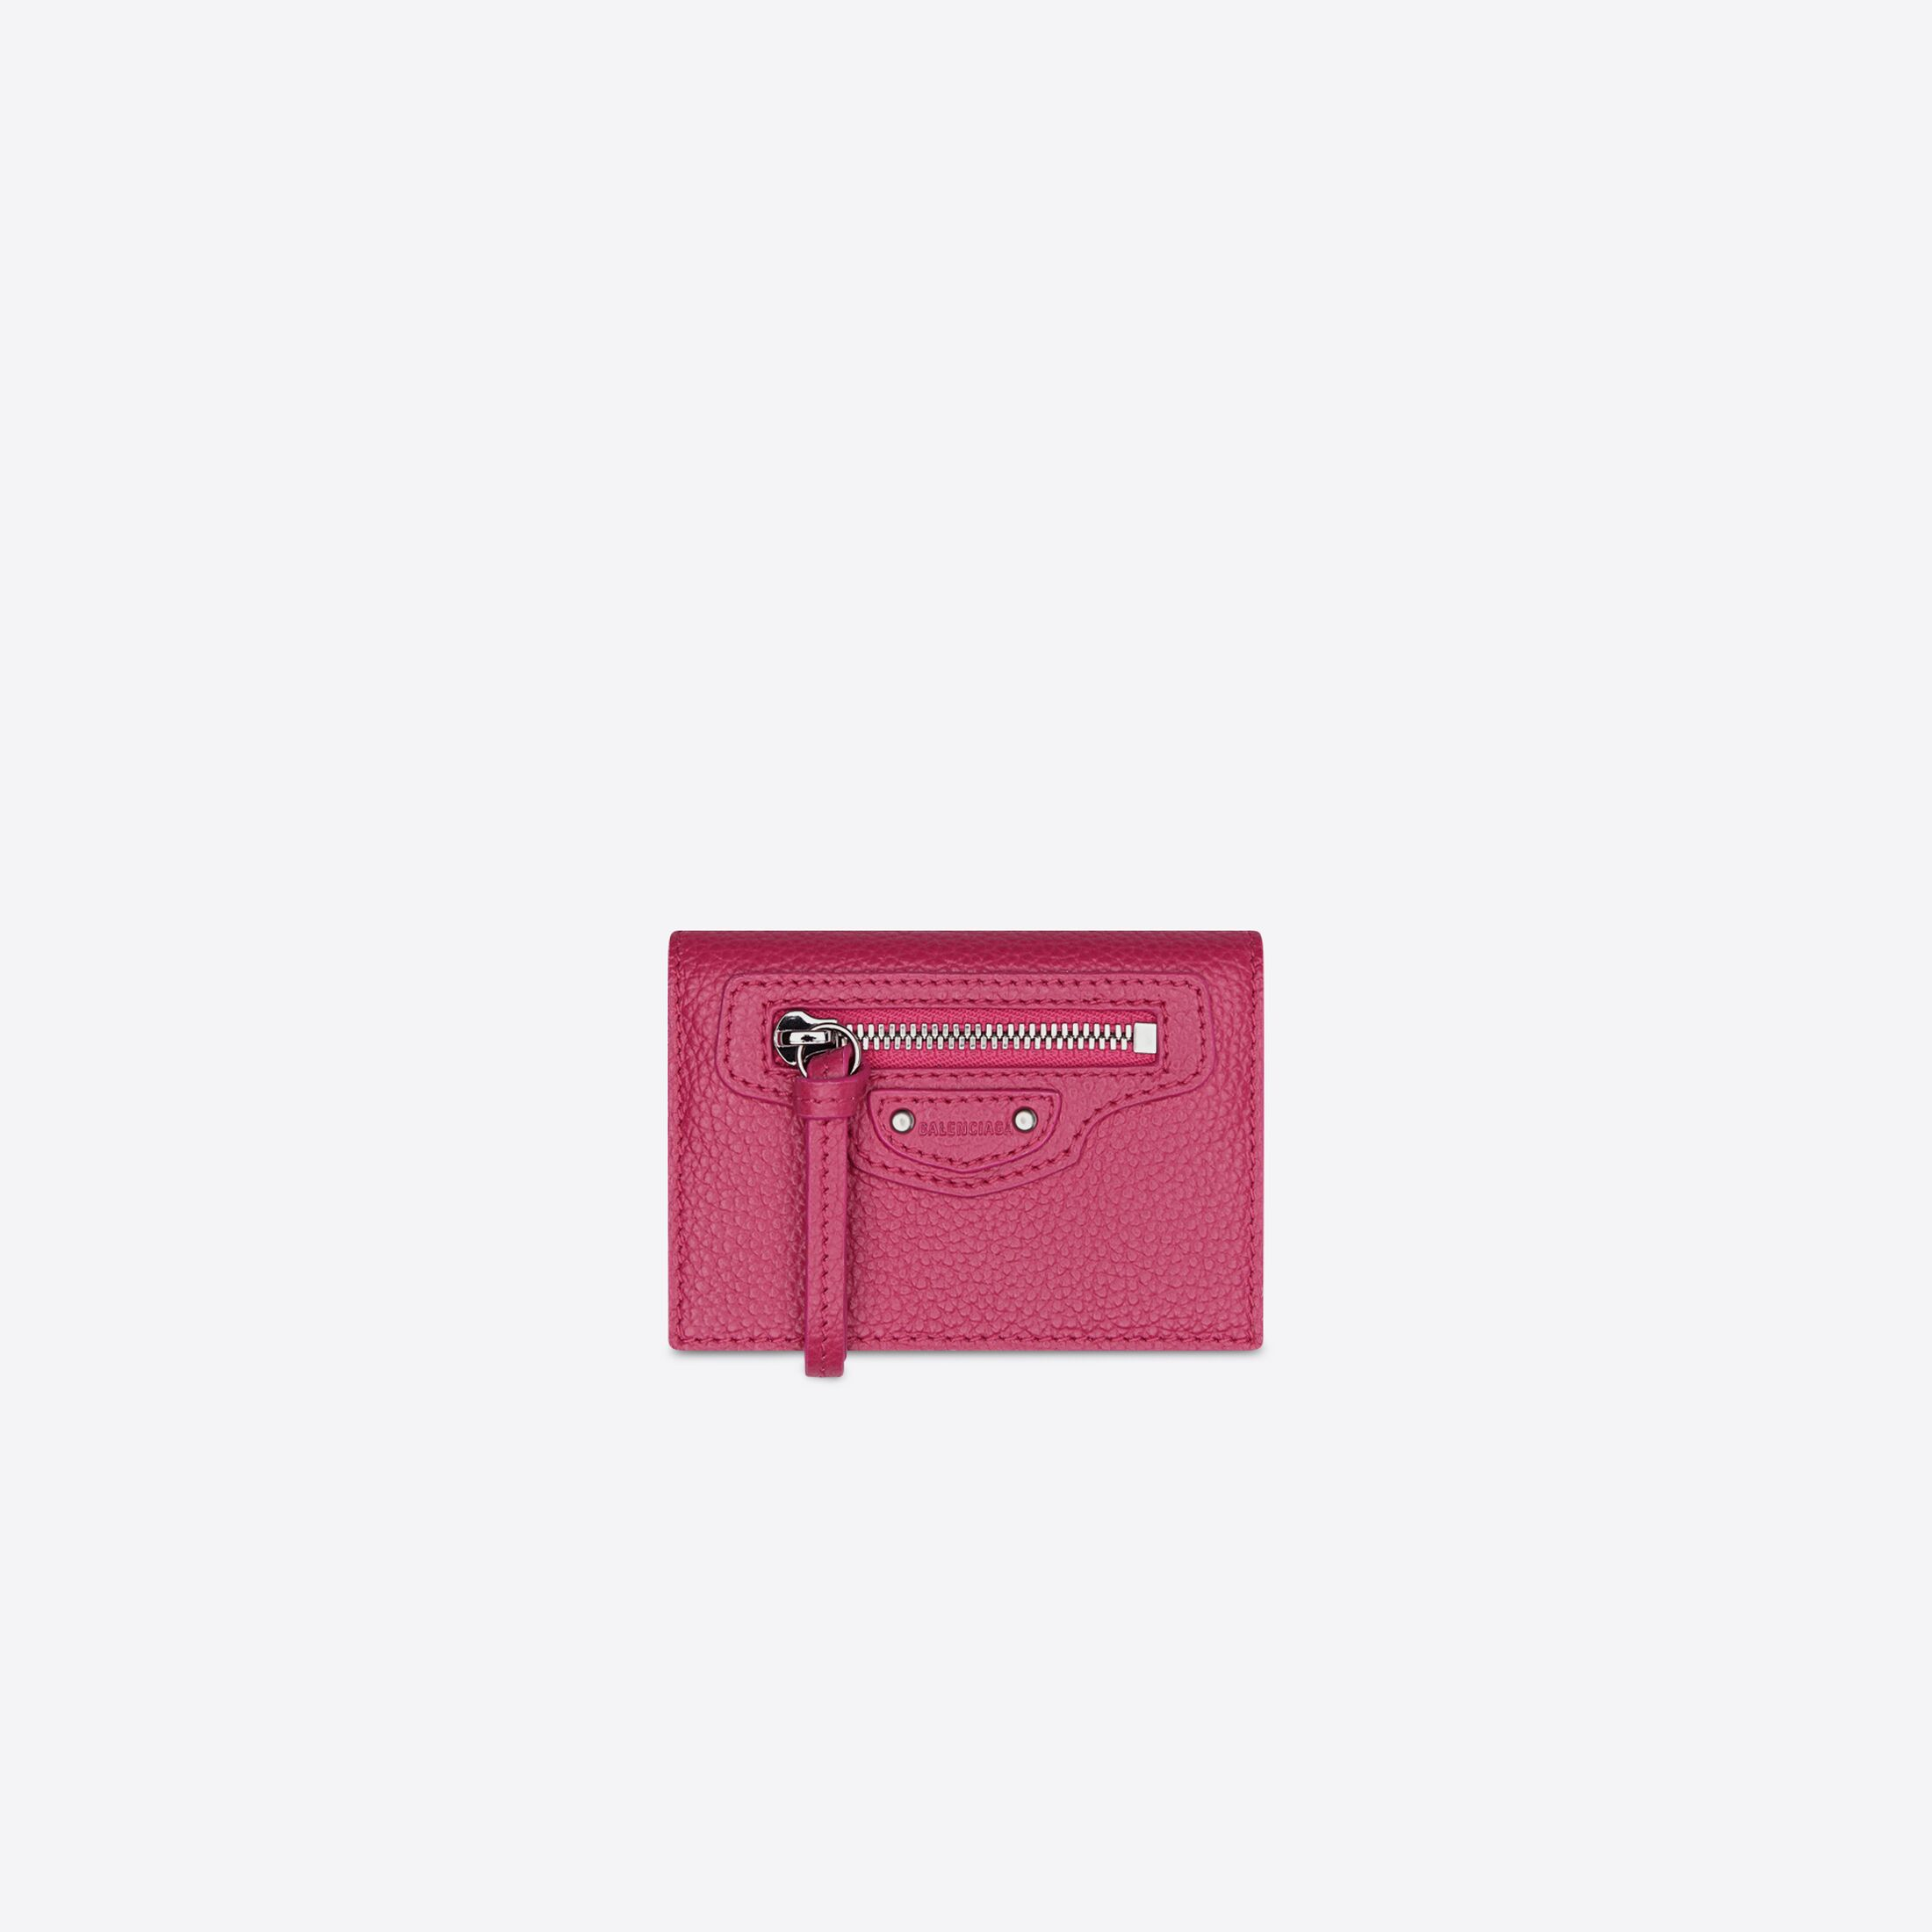 30代の女性に人気のバレンシアガの財布